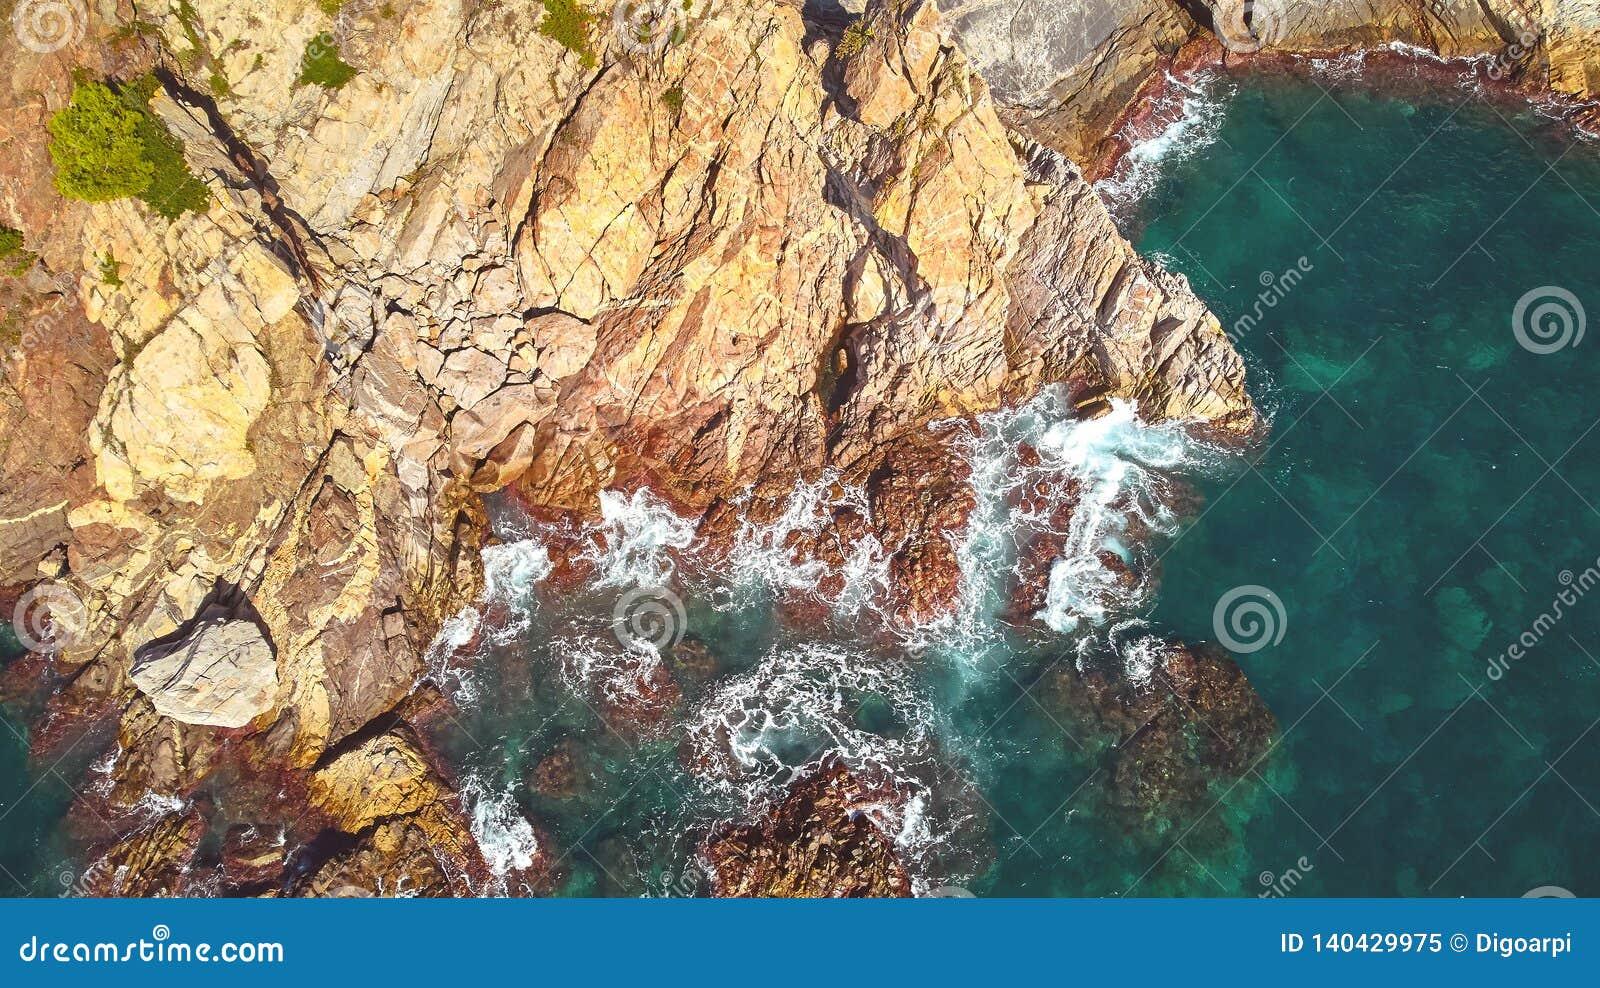 Imagen aérea del paisaje de Costa Brava español en un día soleado, cerca de la ciudad Palamos